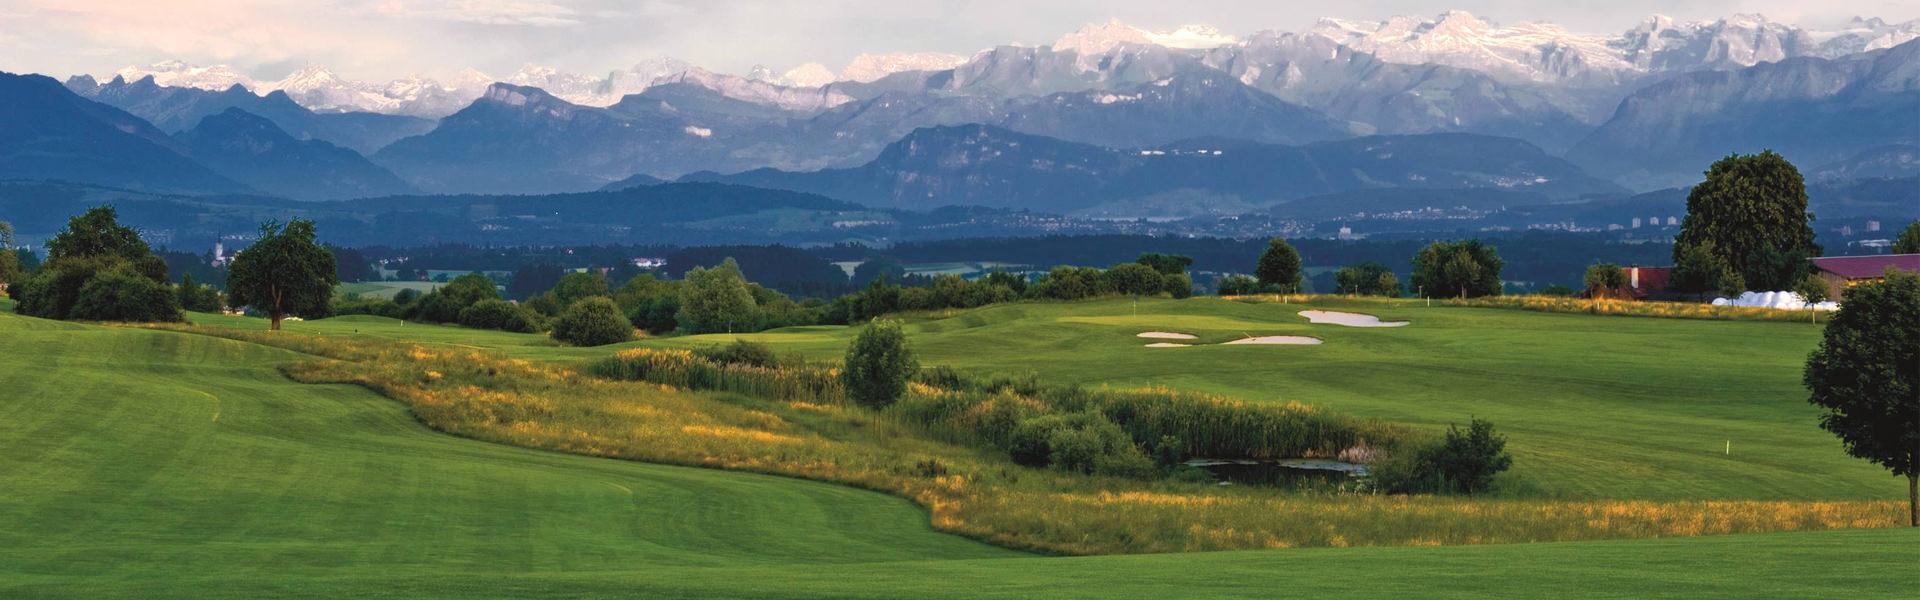 Verein Uitikoner Golferinnen und Golfer Sempach